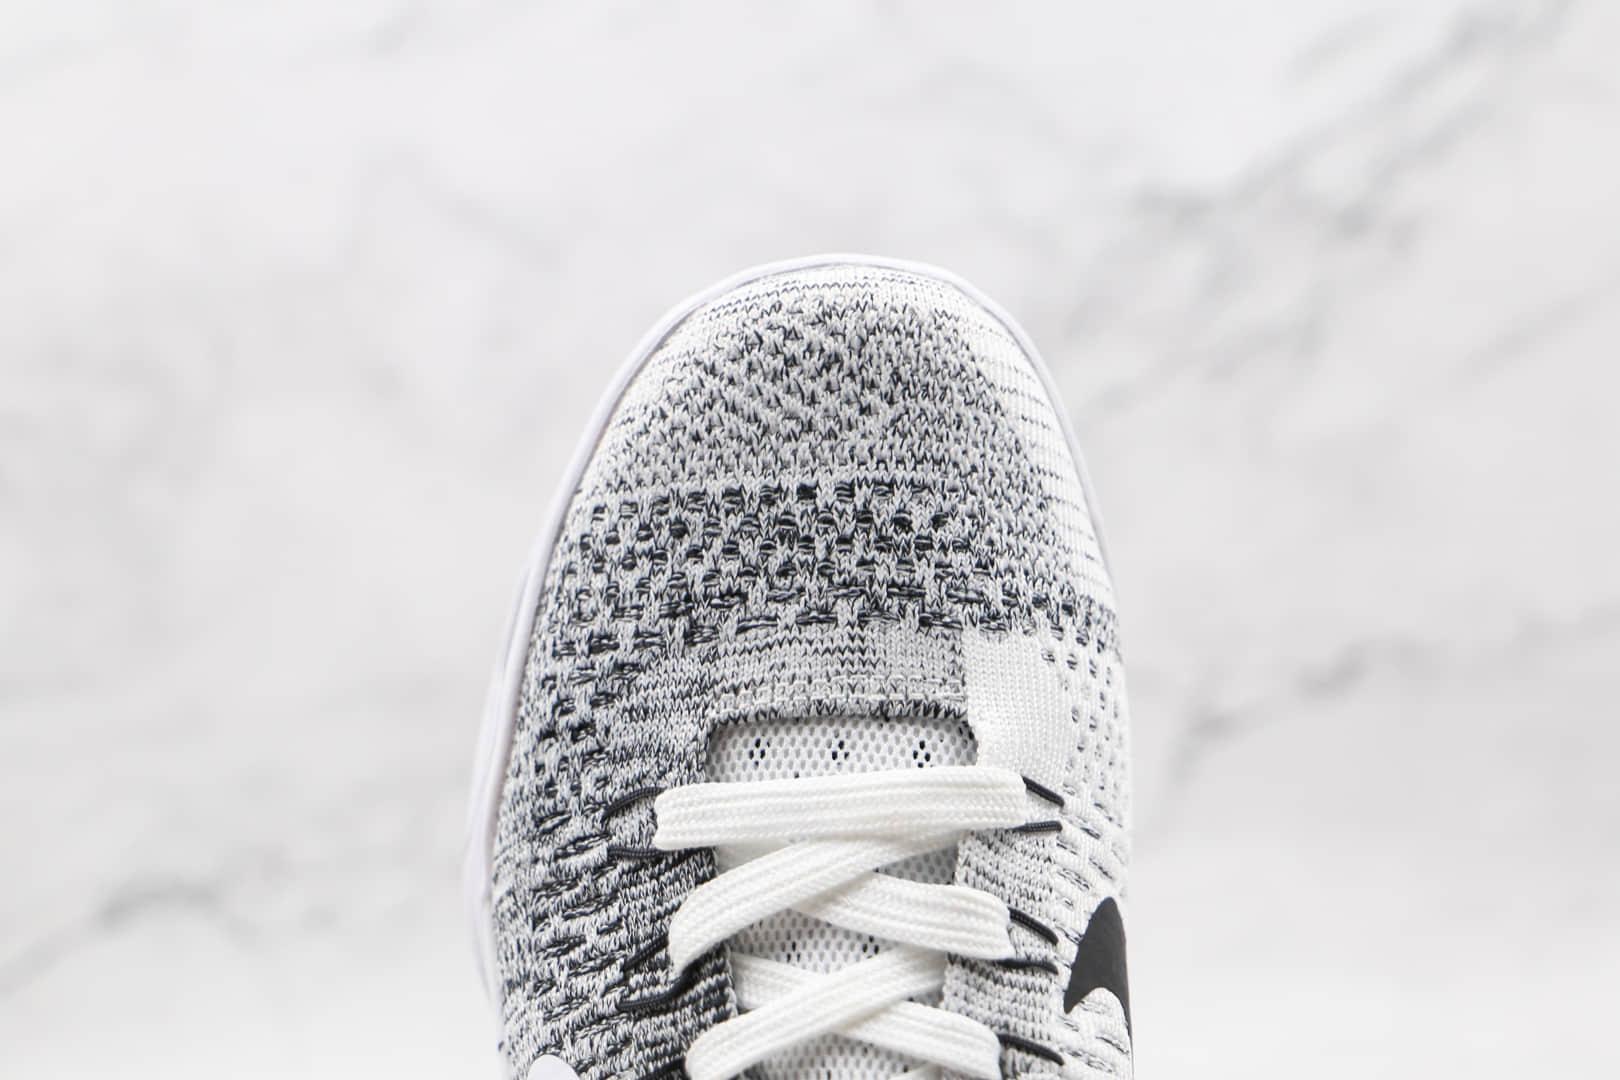 耐克Nike Zoom Kobe IX纯原版本科比9代贝多芬灰白色篮球鞋支持实战 货号:653456-101